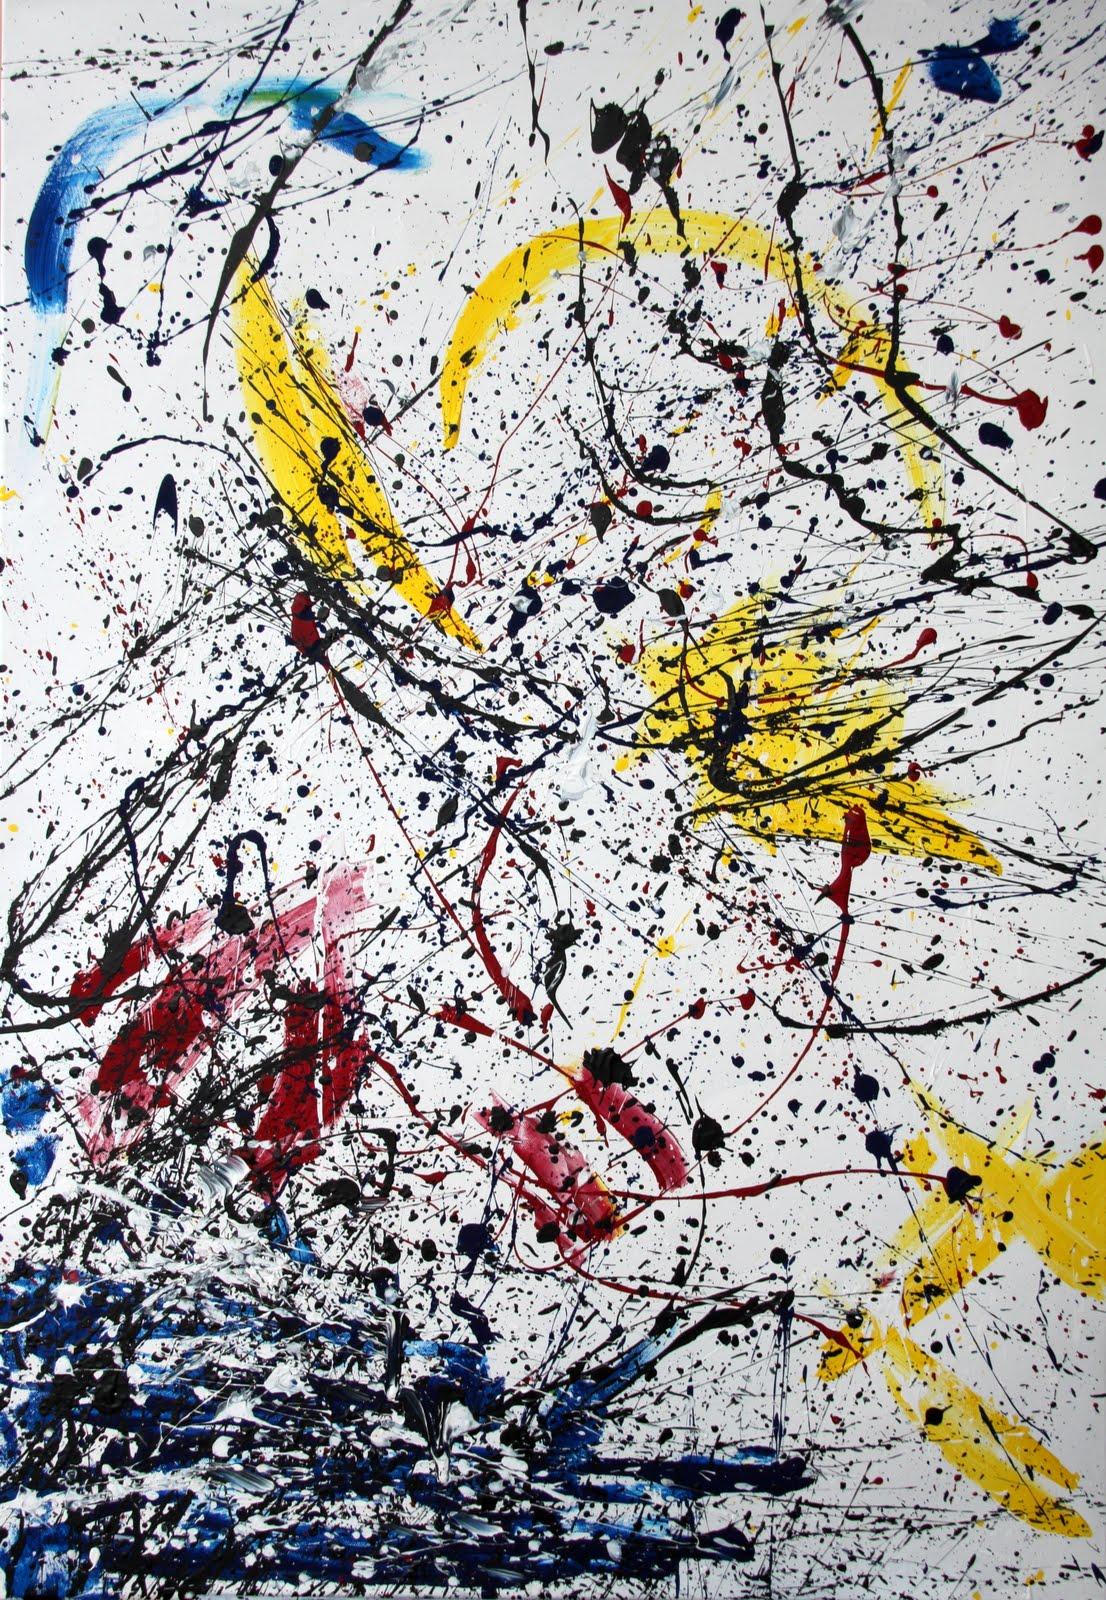 Bisogna avere dentro di s il caos per partorire una stella che danzi f w nietzsche - Ludwig wittgenstein pensieri diversi ...